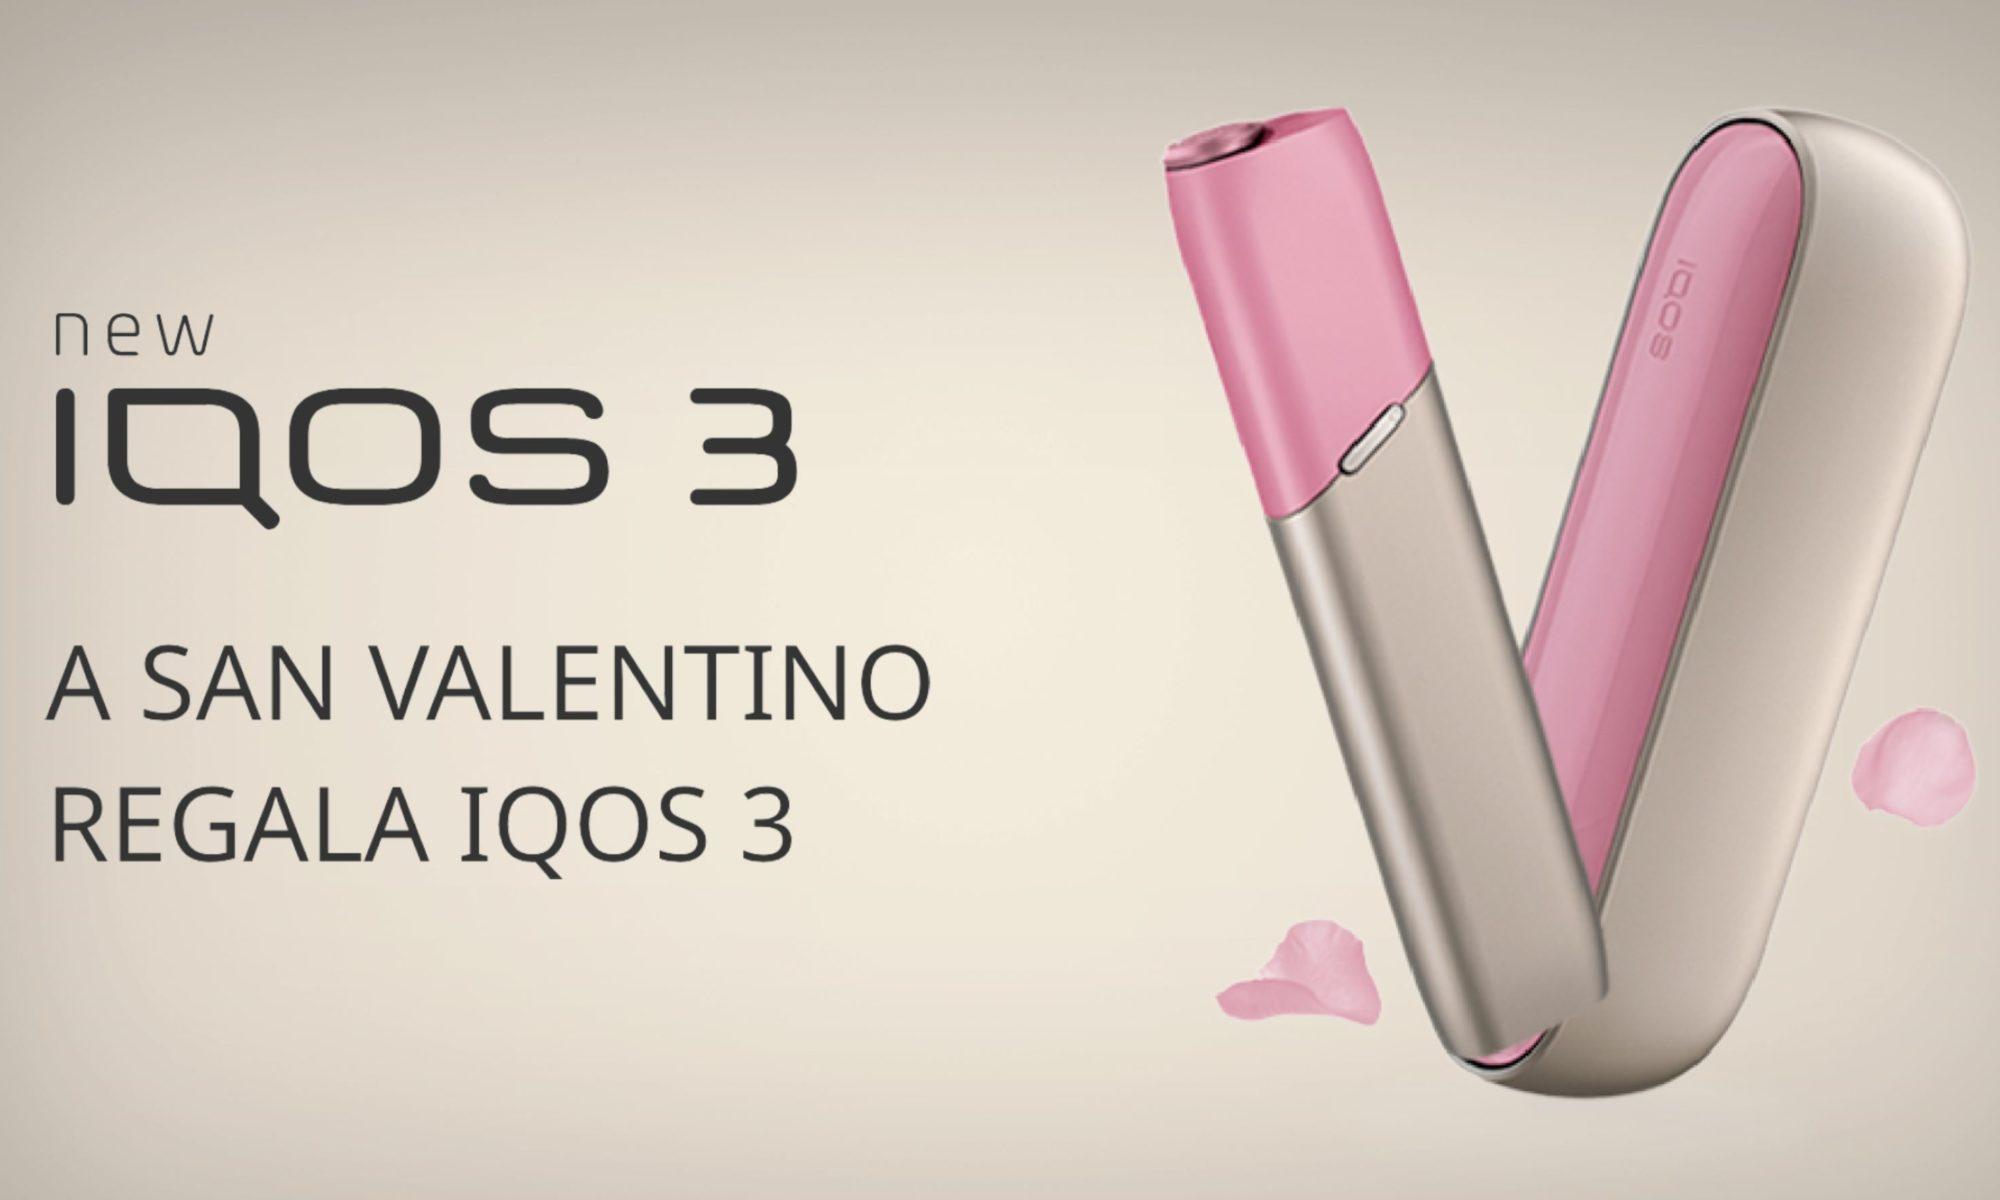 A San Valentino regala IQOS - l'idea regalo per veri innamorati